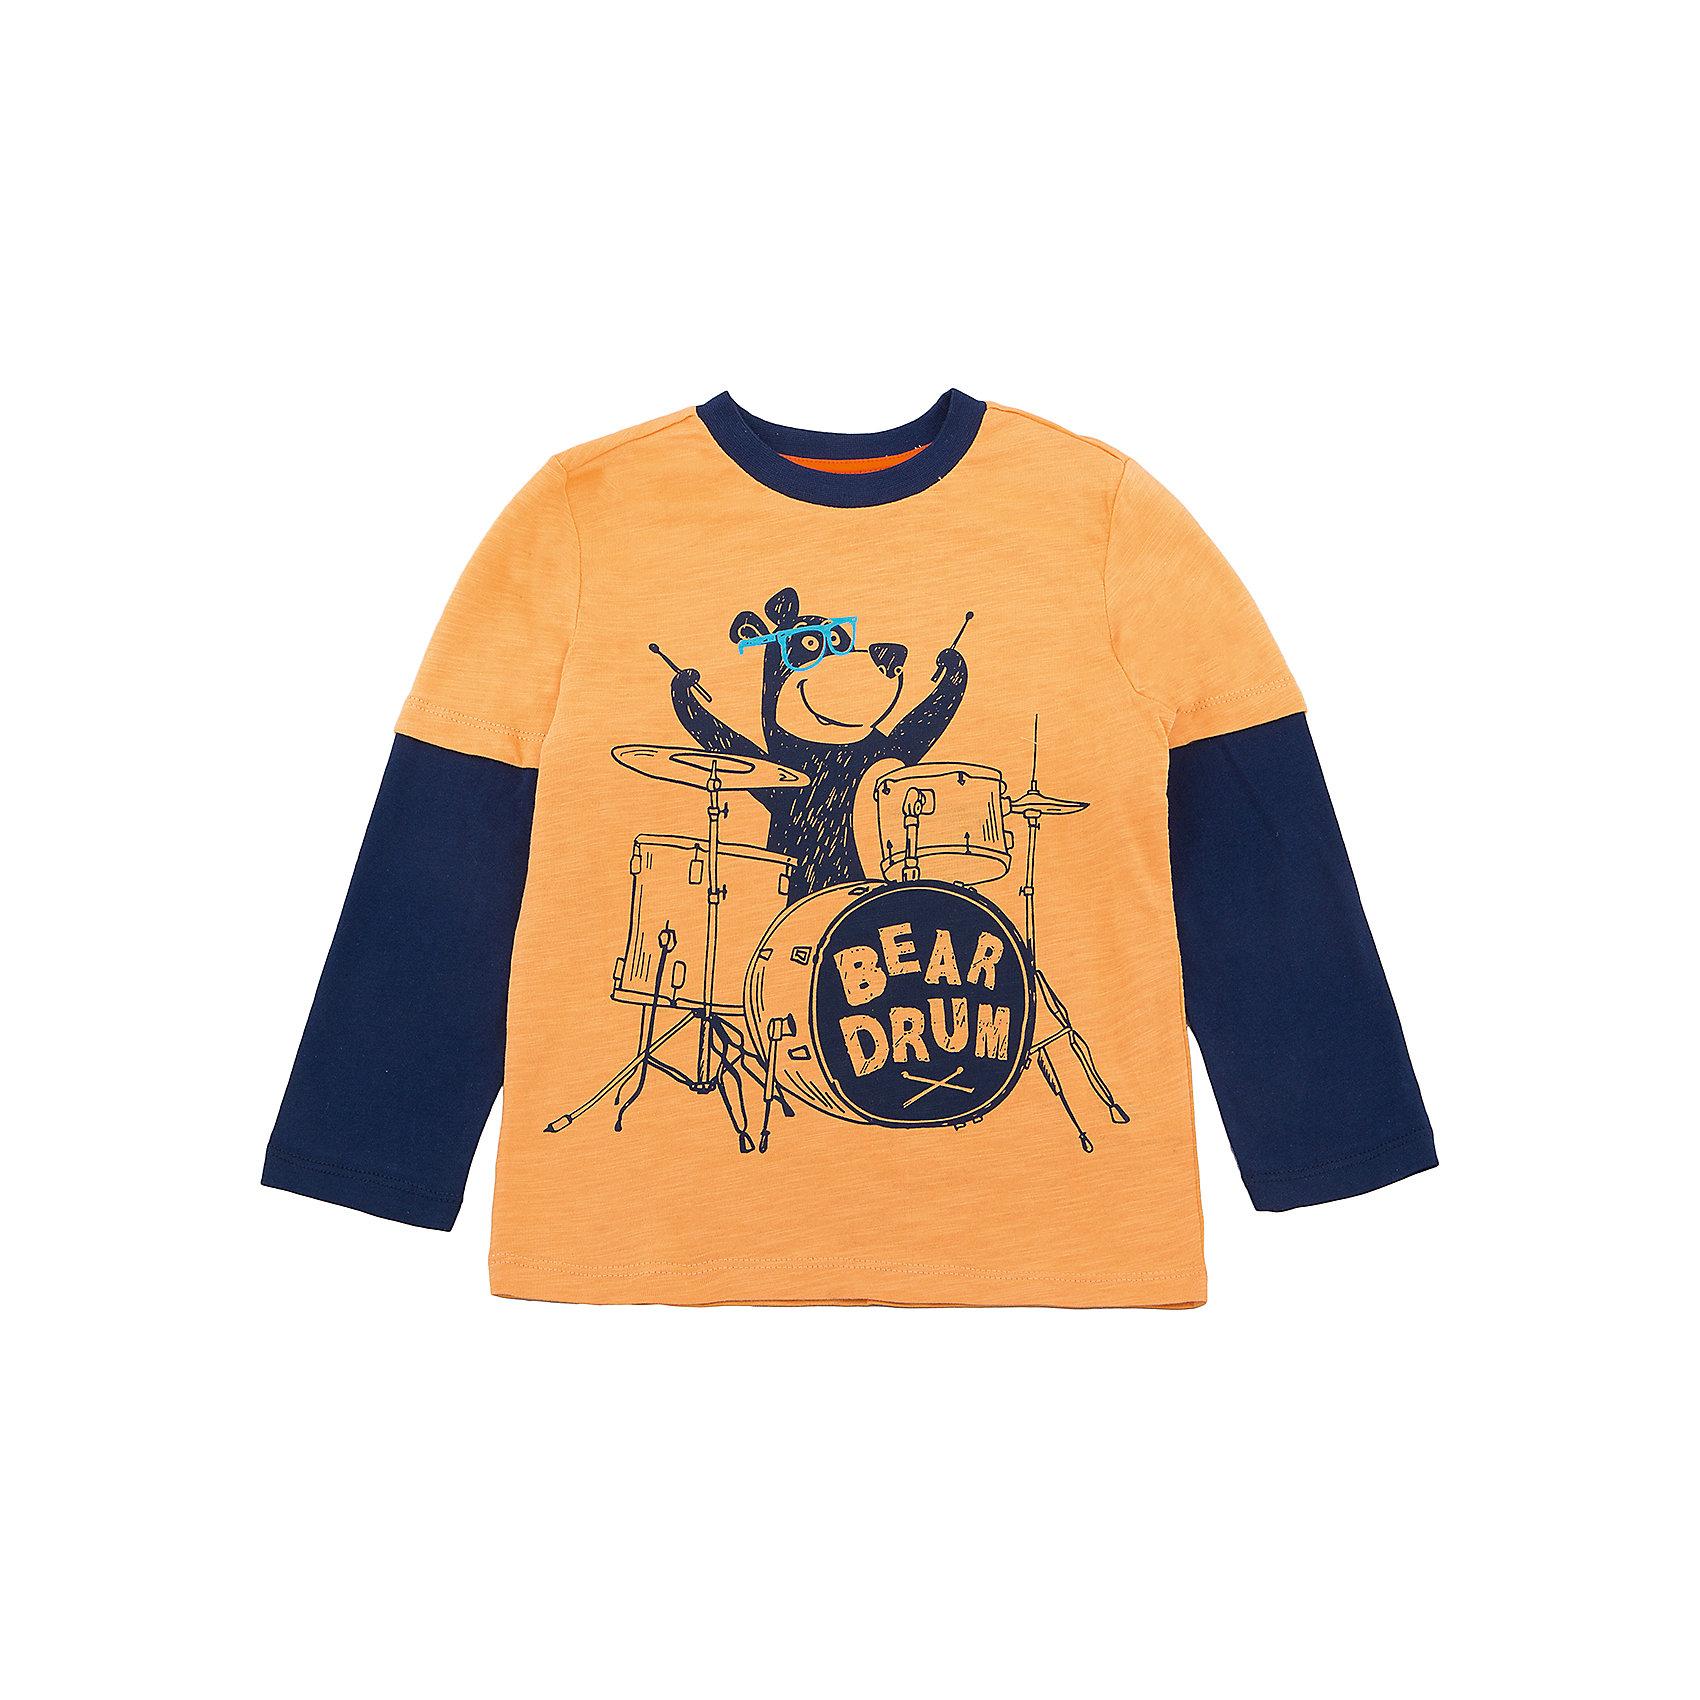 Футболка с длинным рукавом SELA для мальчикаФутболки с длинным рукавом<br>Характеристики товара:<br><br>• цвет: желтый/синий;<br>• состав: 100% хлопок;<br>• сезон: демисезон;<br>• особенности: повседневный, с рисунком;<br>• длинный рукав;<br>• страна бренда: Россия;<br>• страна изготовитель: Китай.<br><br>Лонгслив с рисунком для мальчика. Прямой силуэт, круглый ворот. Желтый лонсглив изготовлен из 100% хлопка. Контрастная расцветка с ярким принтом.<br><br>Футболку с длинным рукавом Sela (Села) для мальчика можно купить в нашем интернет-магазине.<br><br>Ширина мм: 190<br>Глубина мм: 74<br>Высота мм: 229<br>Вес г: 236<br>Цвет: золотой<br>Возраст от месяцев: 60<br>Возраст до месяцев: 72<br>Пол: Мужской<br>Возраст: Детский<br>Размер: 116,92,98,104,110<br>SKU: 7009714